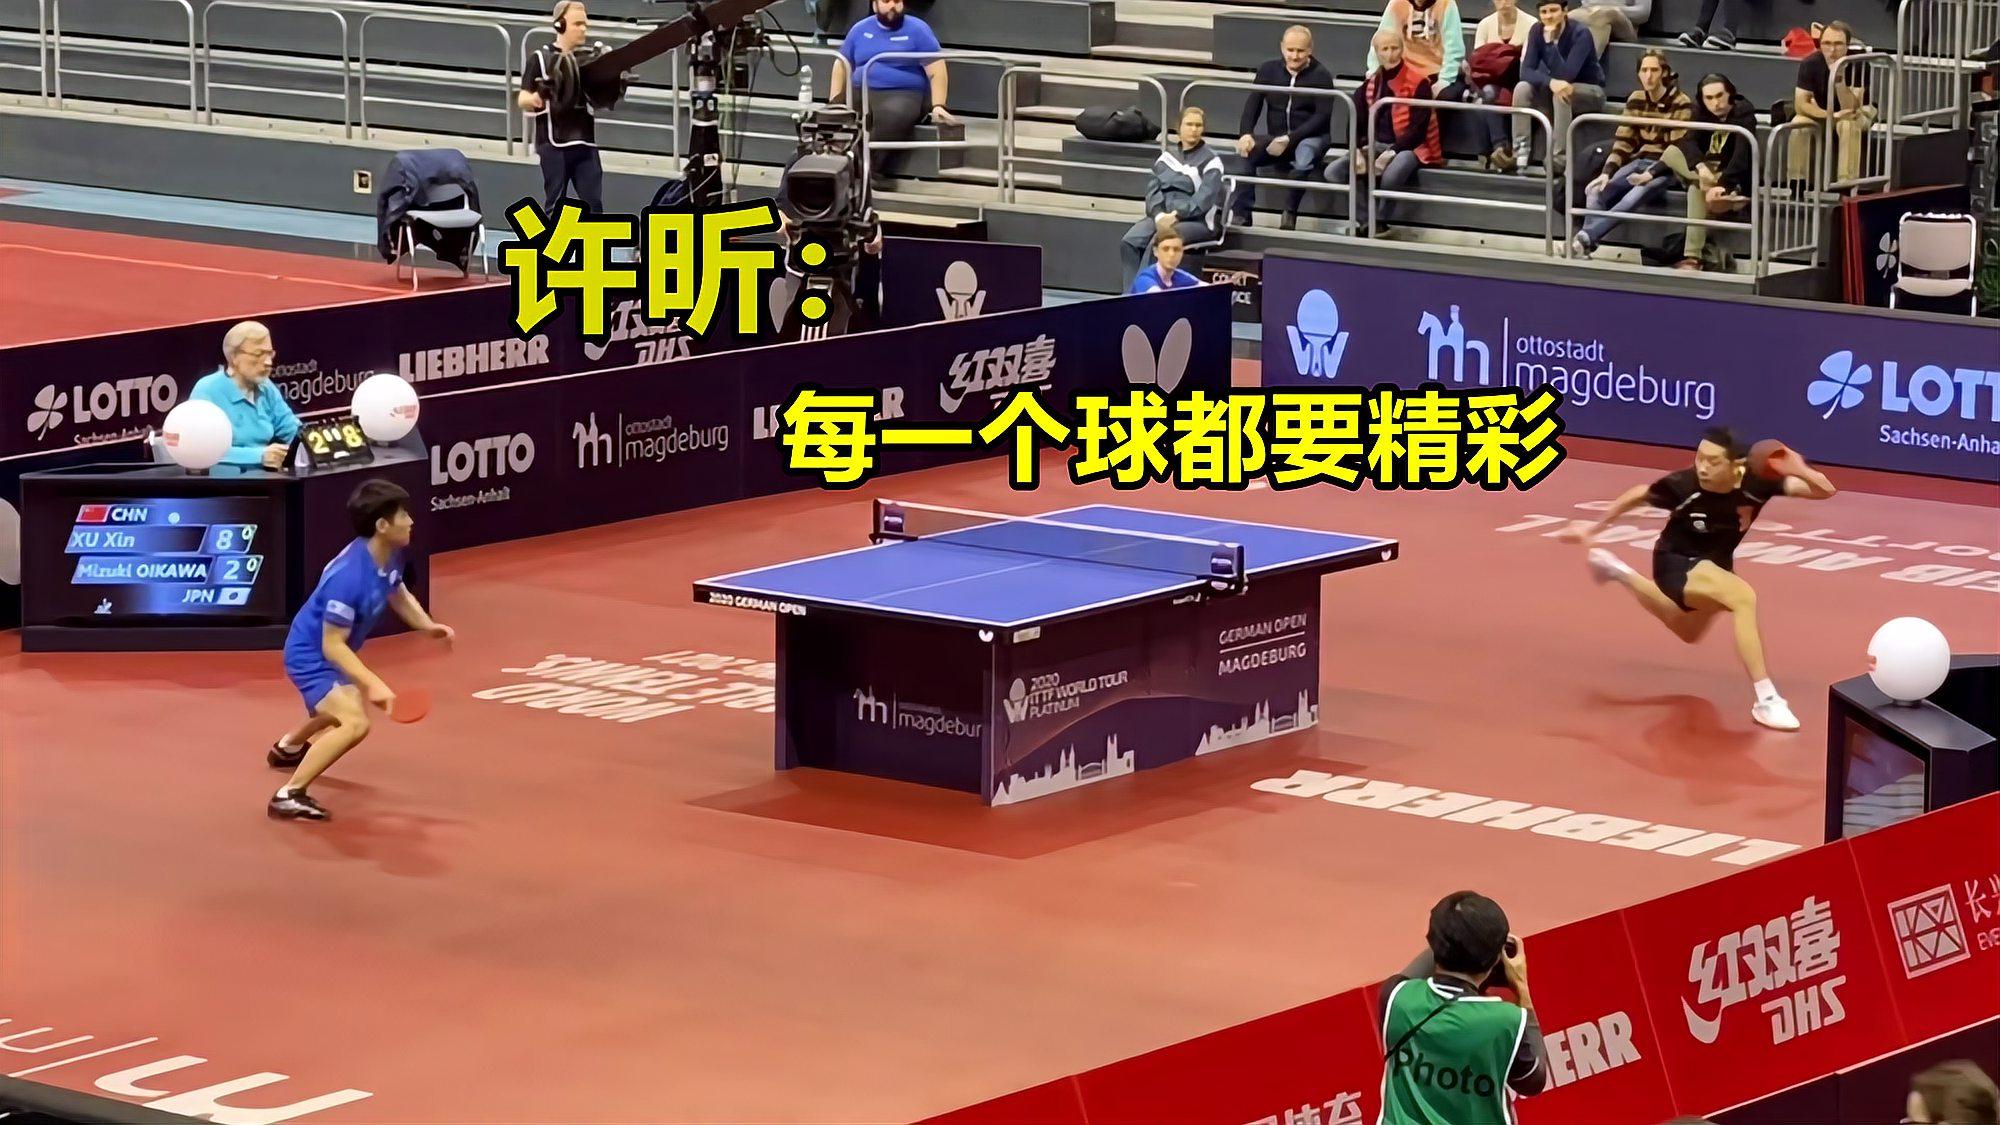 这就是乒乓球的魅力,许昕的每一个球都是经典,观众掌声此起彼伏